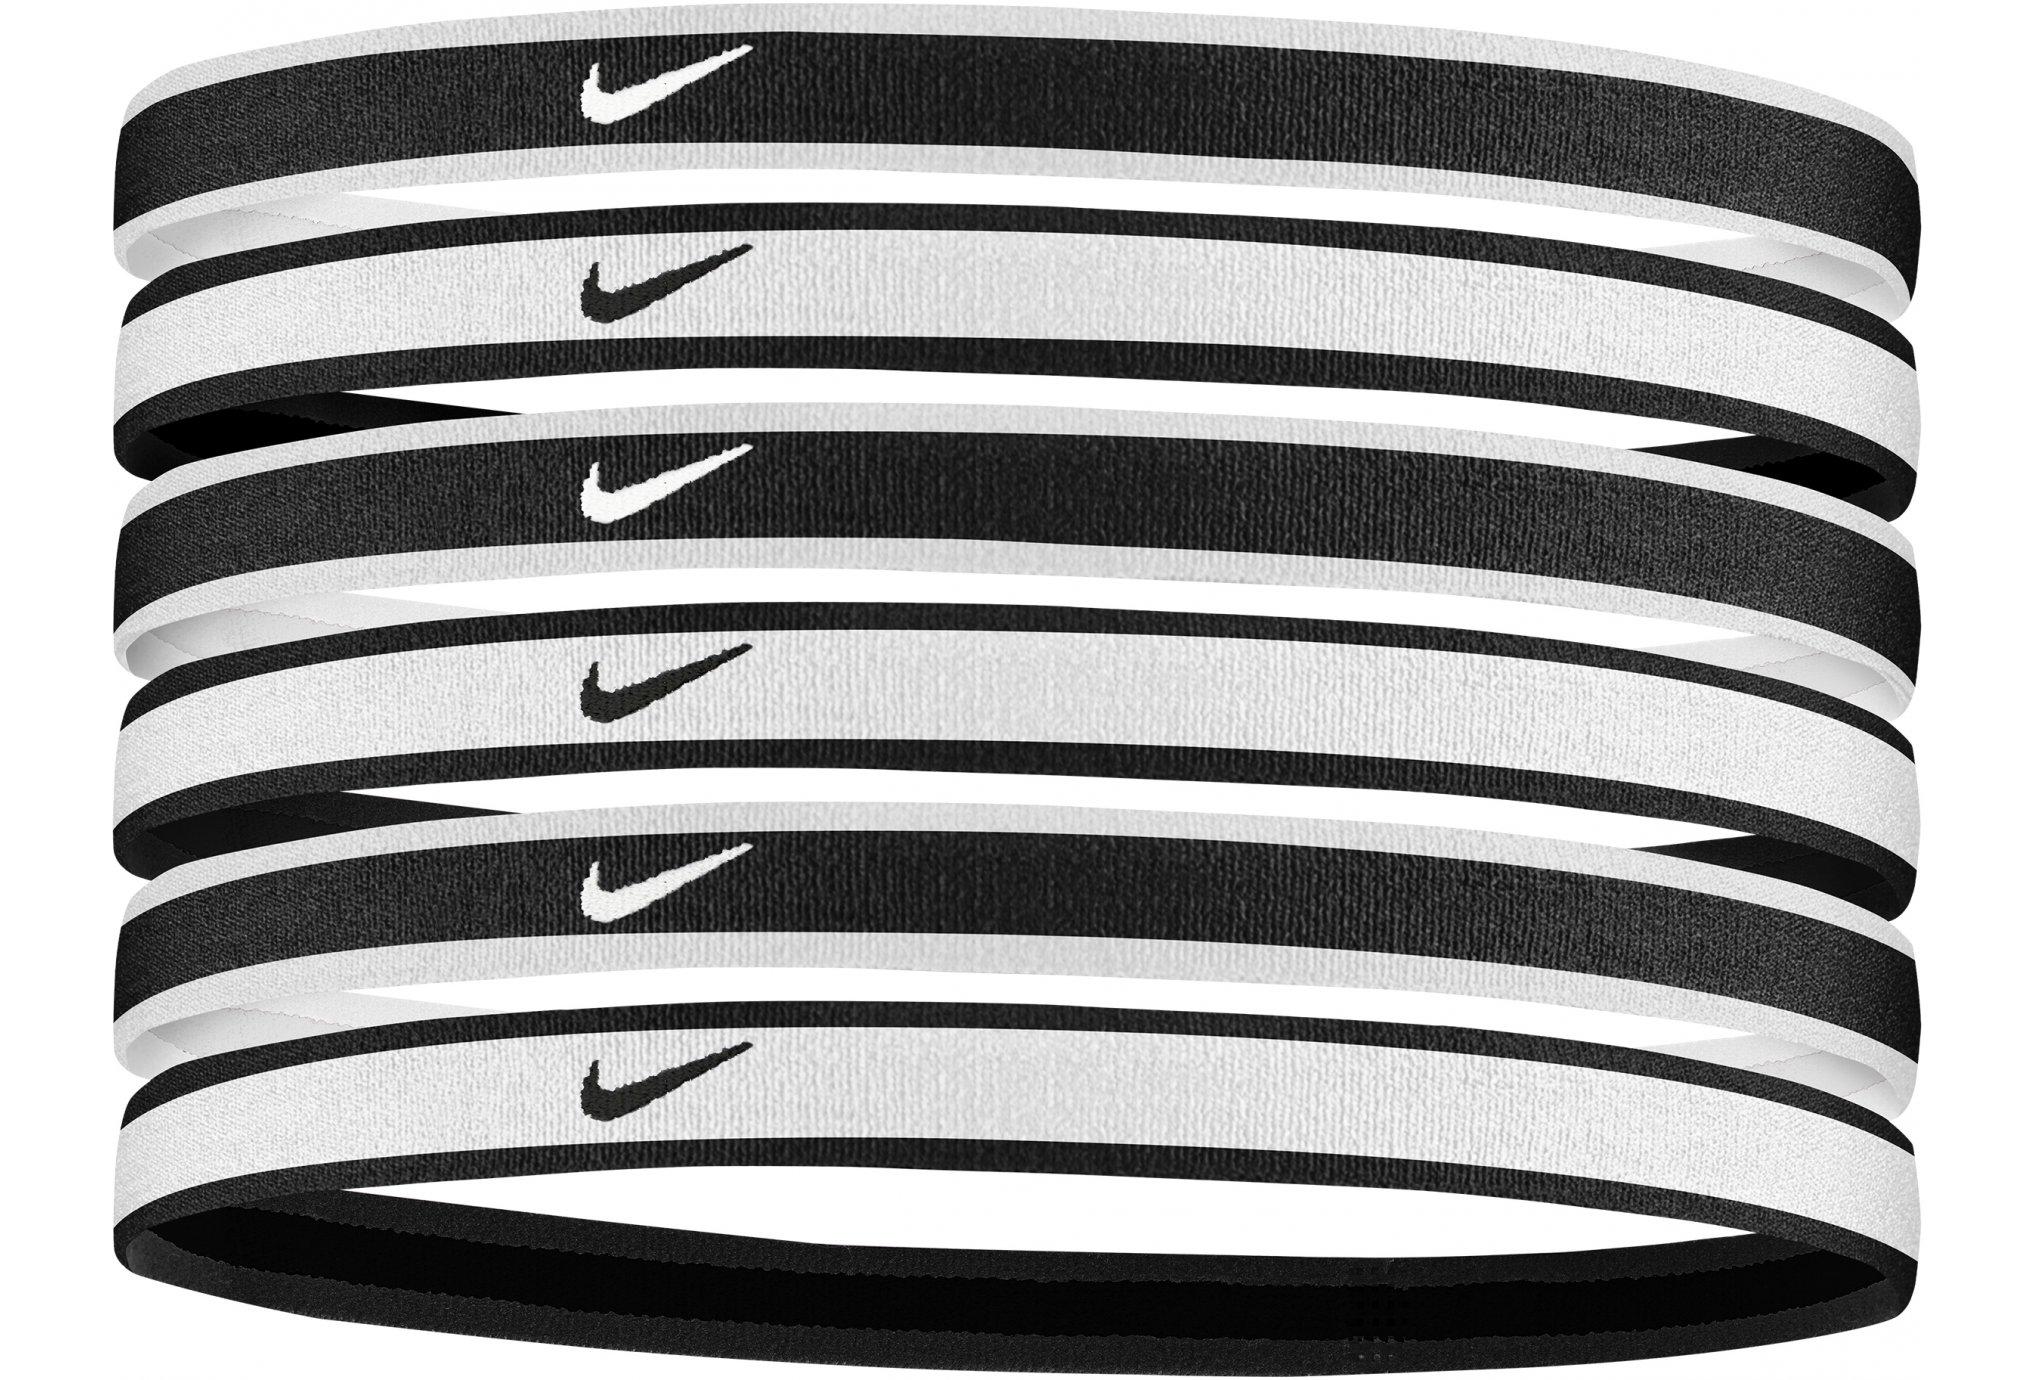 Nike Elastiques Headband Swoosh 2.0 X6 Casquettes / bandeaux